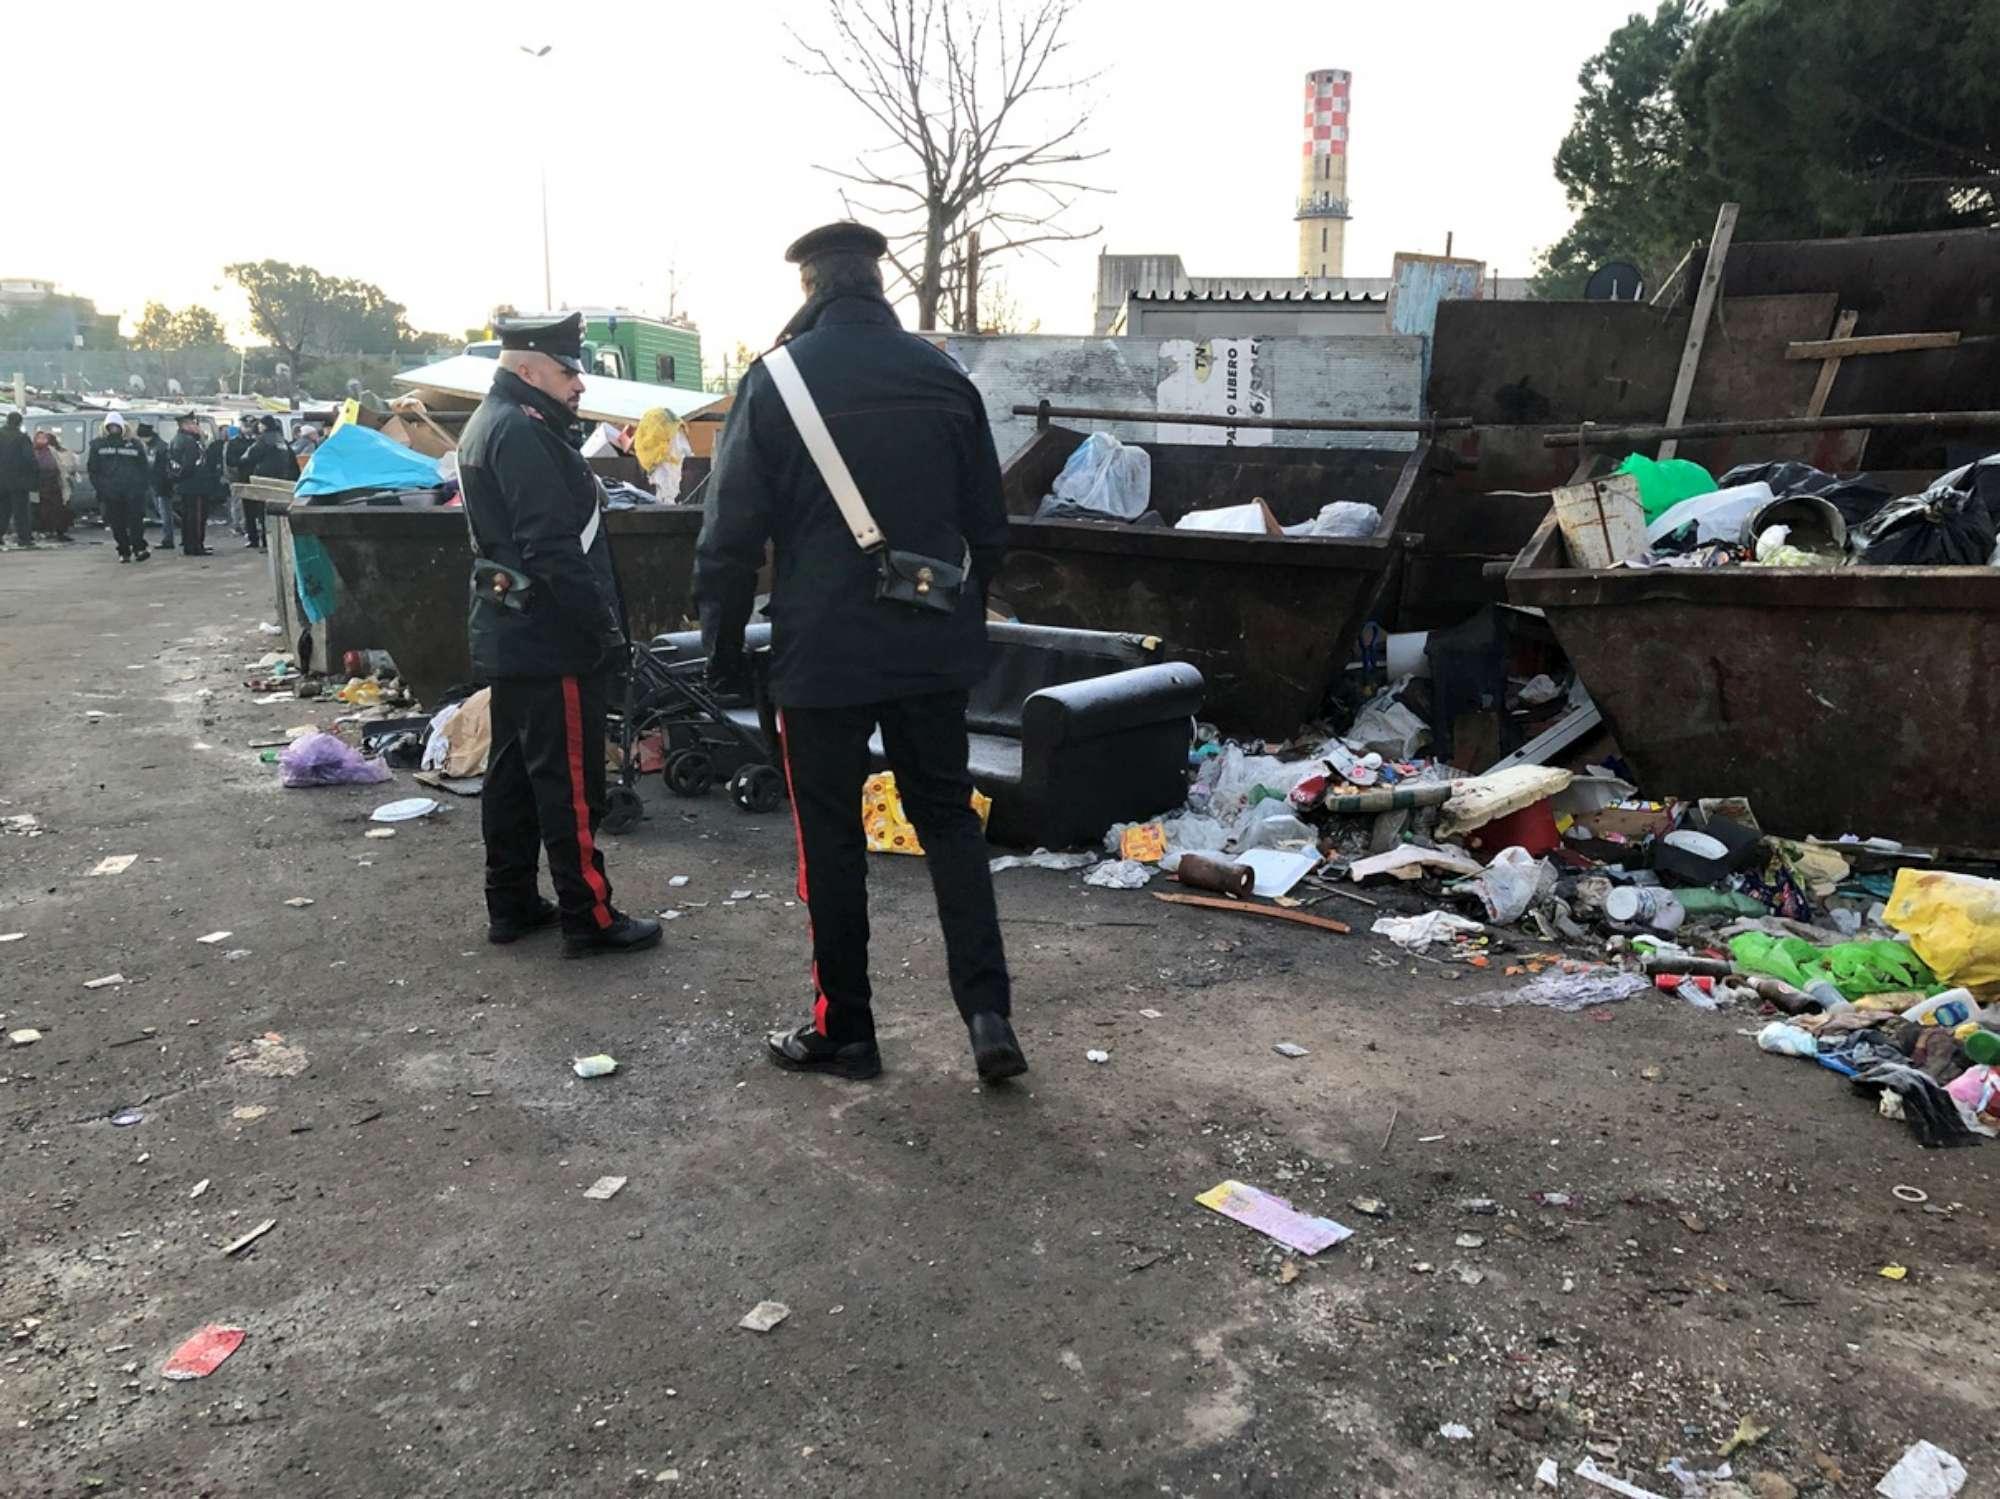 Roghi tossici nel Lazio, l operazione  Tellus  dei carabinieri: 57 indagati